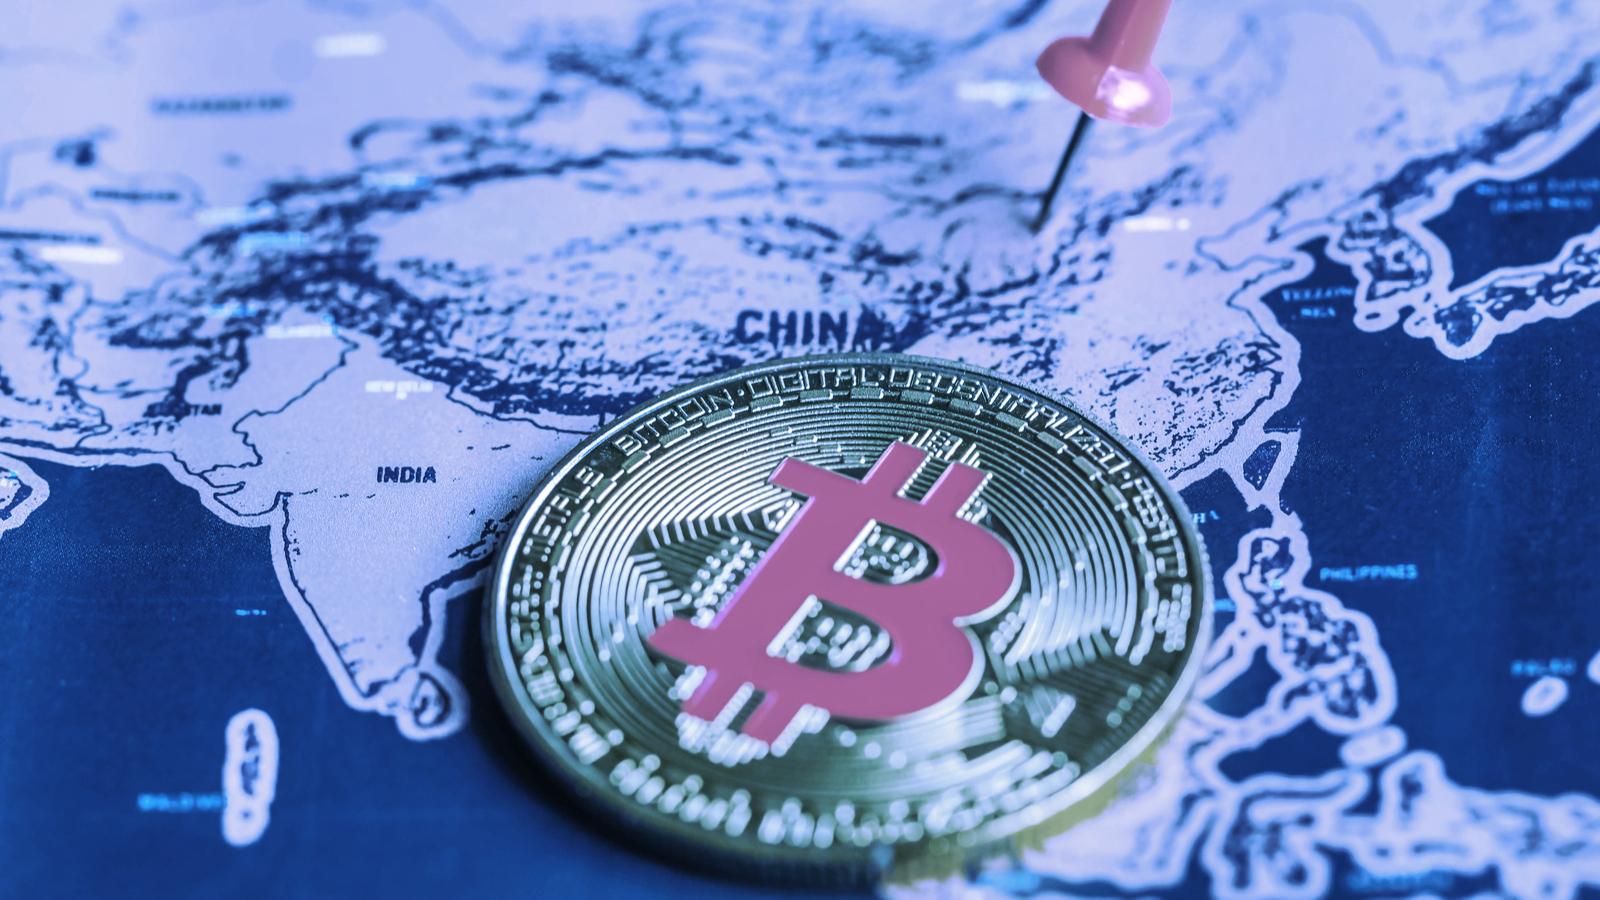 când tranzacționează china bitcoin?